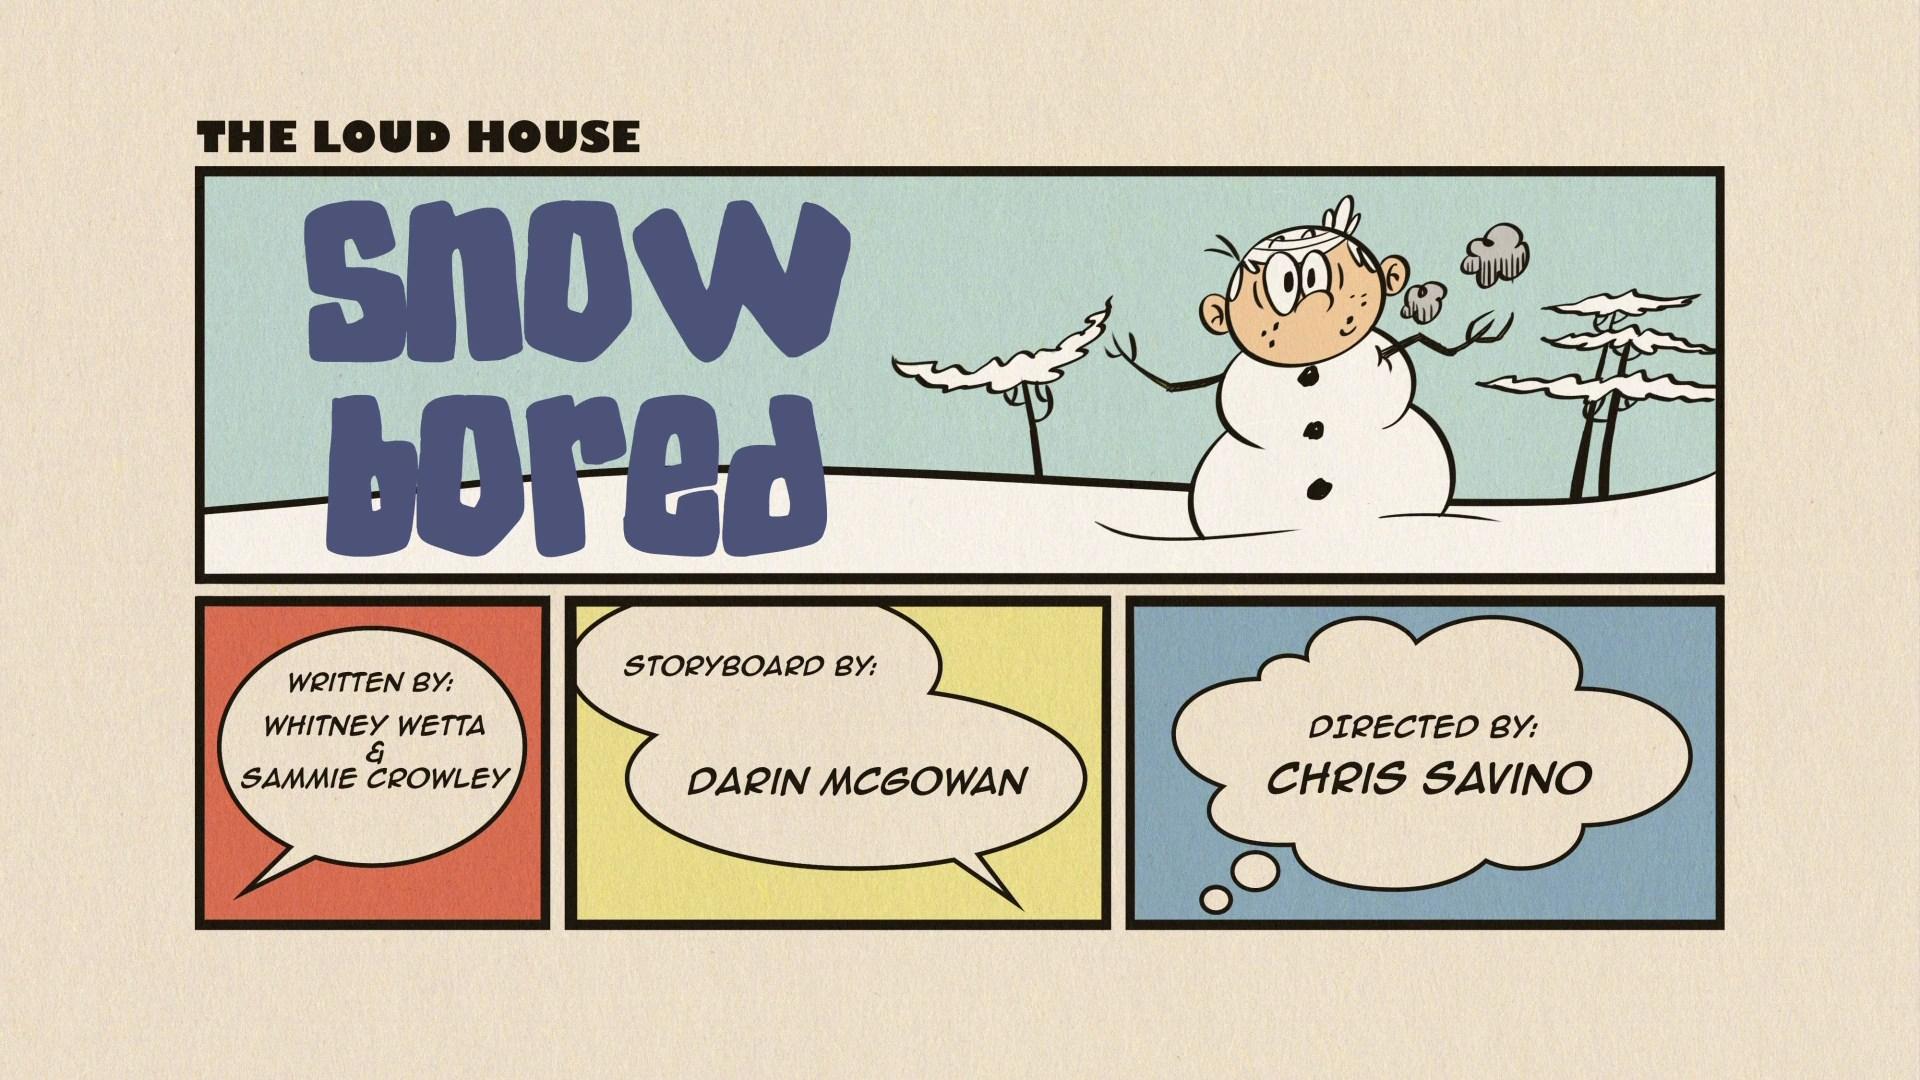 Loud House Snow Bored